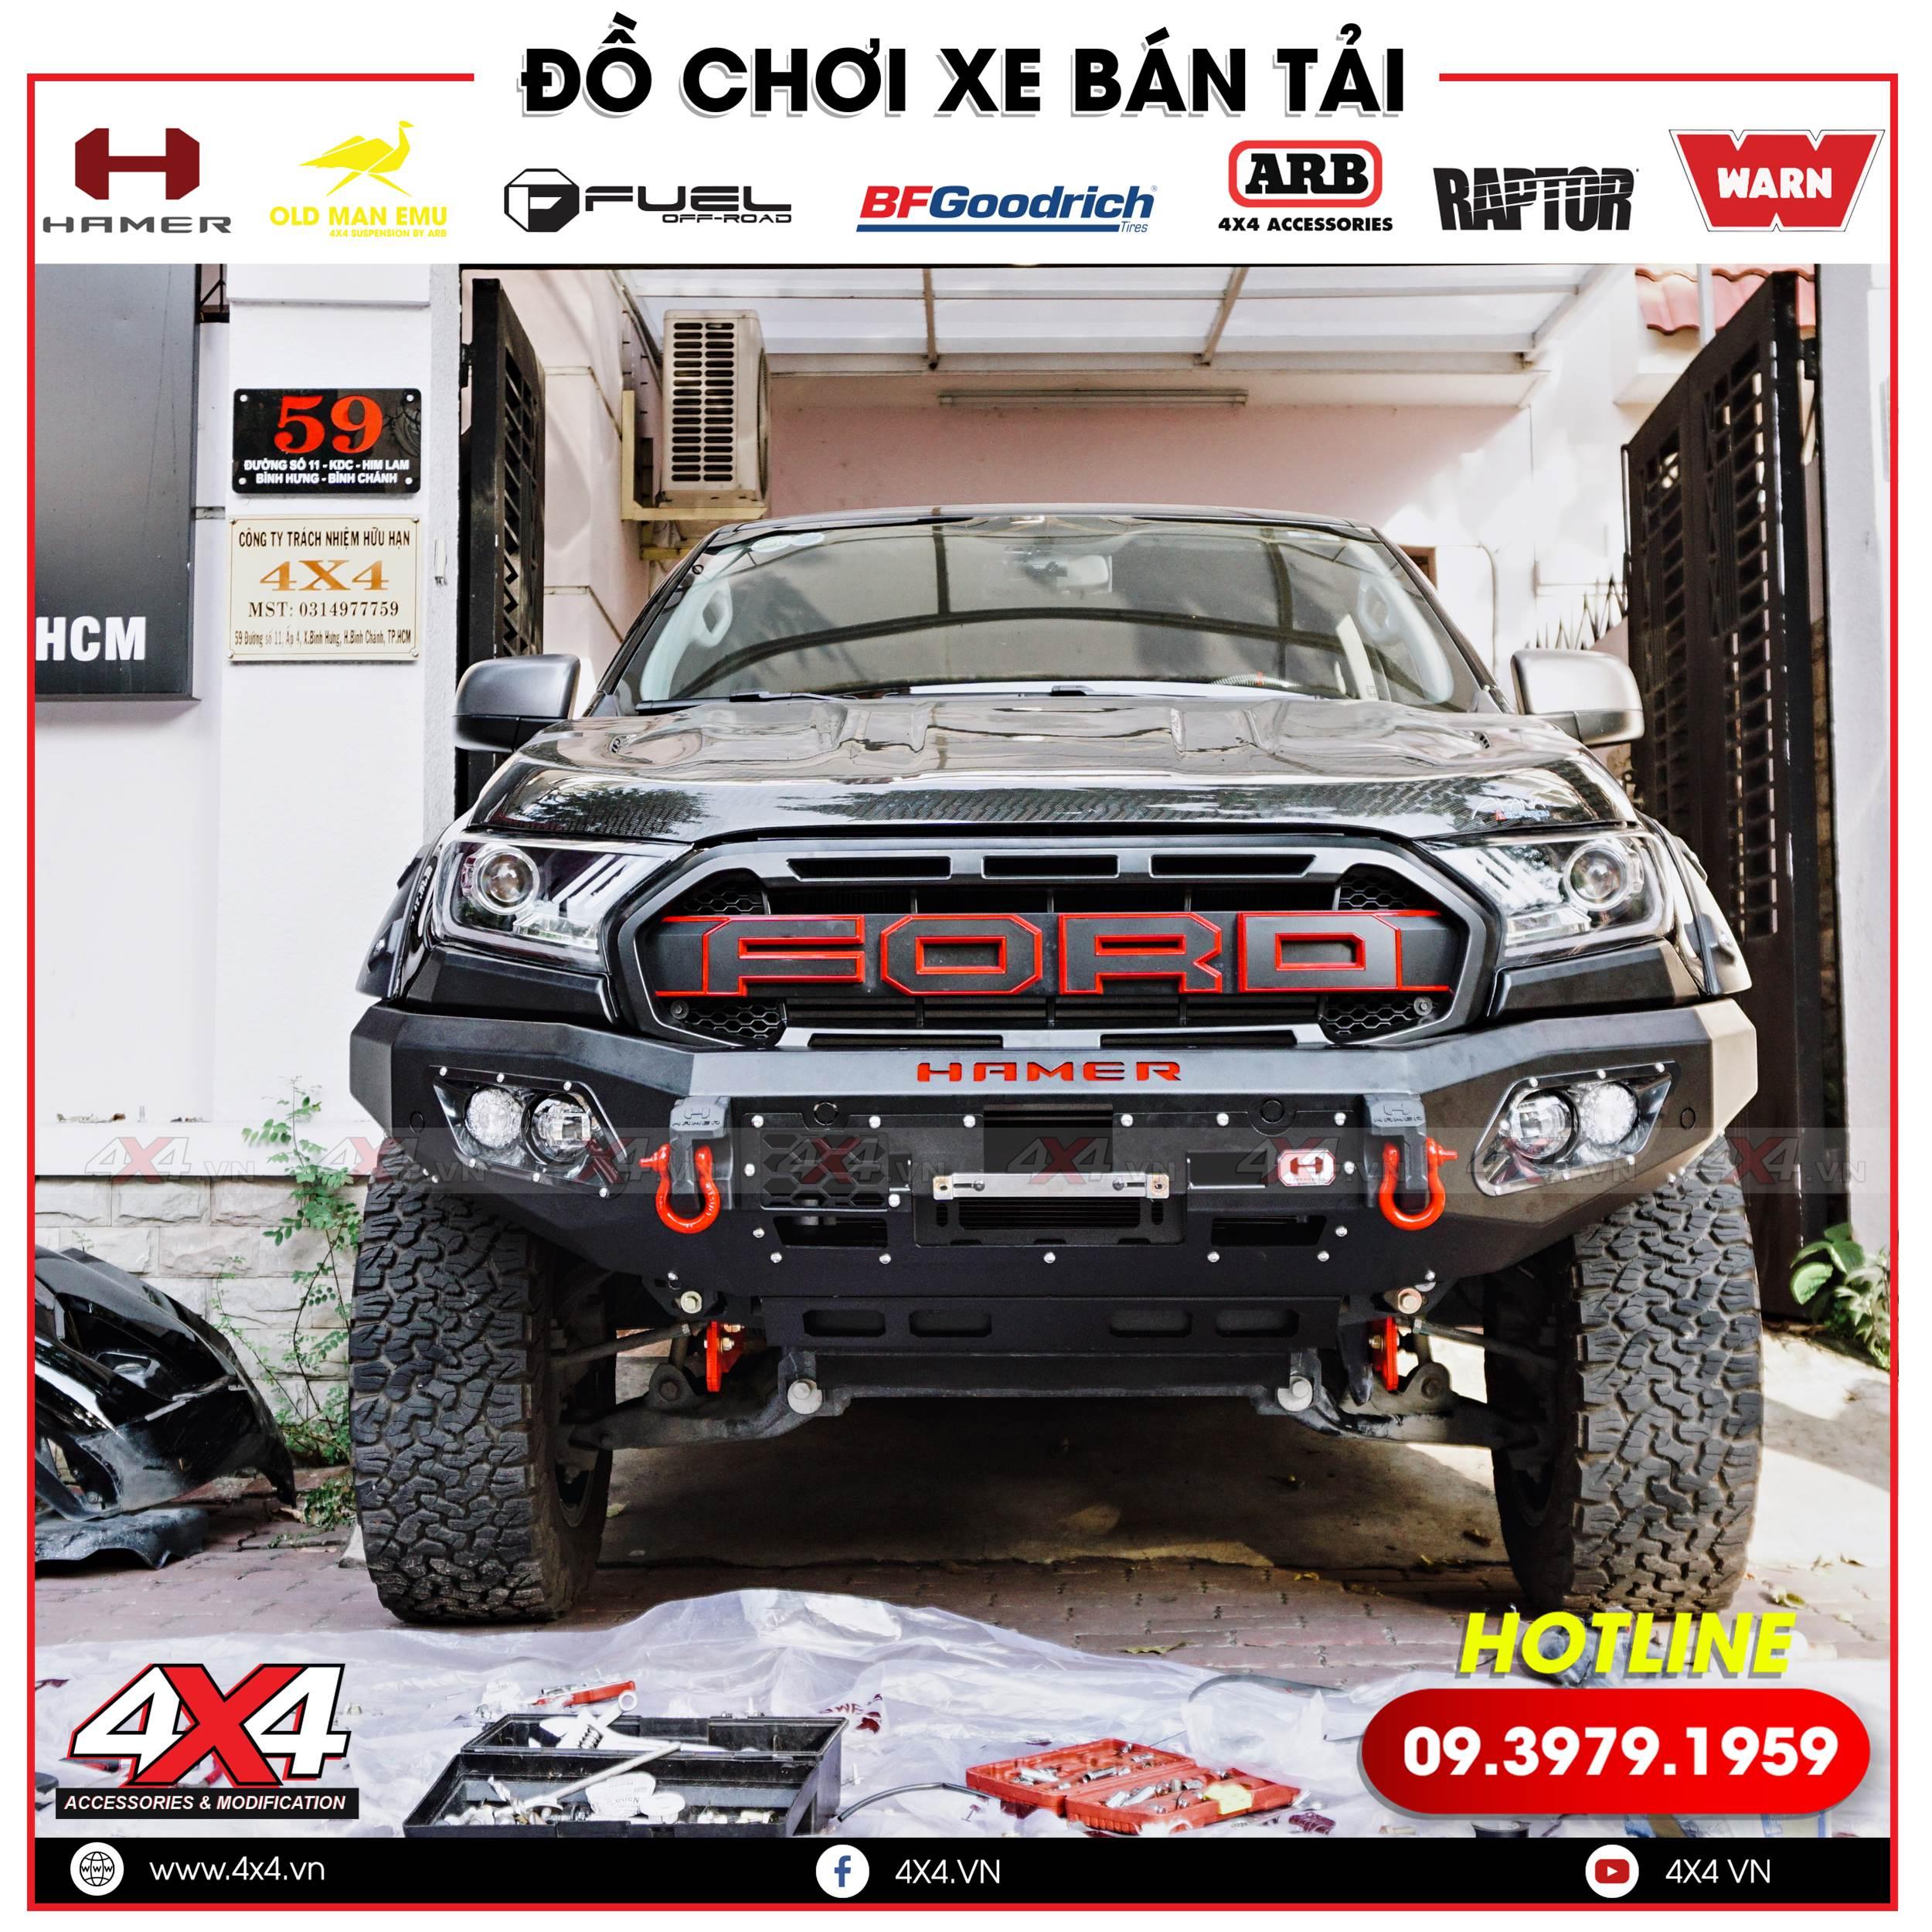 Xe bán tải Ford Ranger XLS độ mặt nạ Raptor và cản Hammer đẹp, ngầu và hầm hố